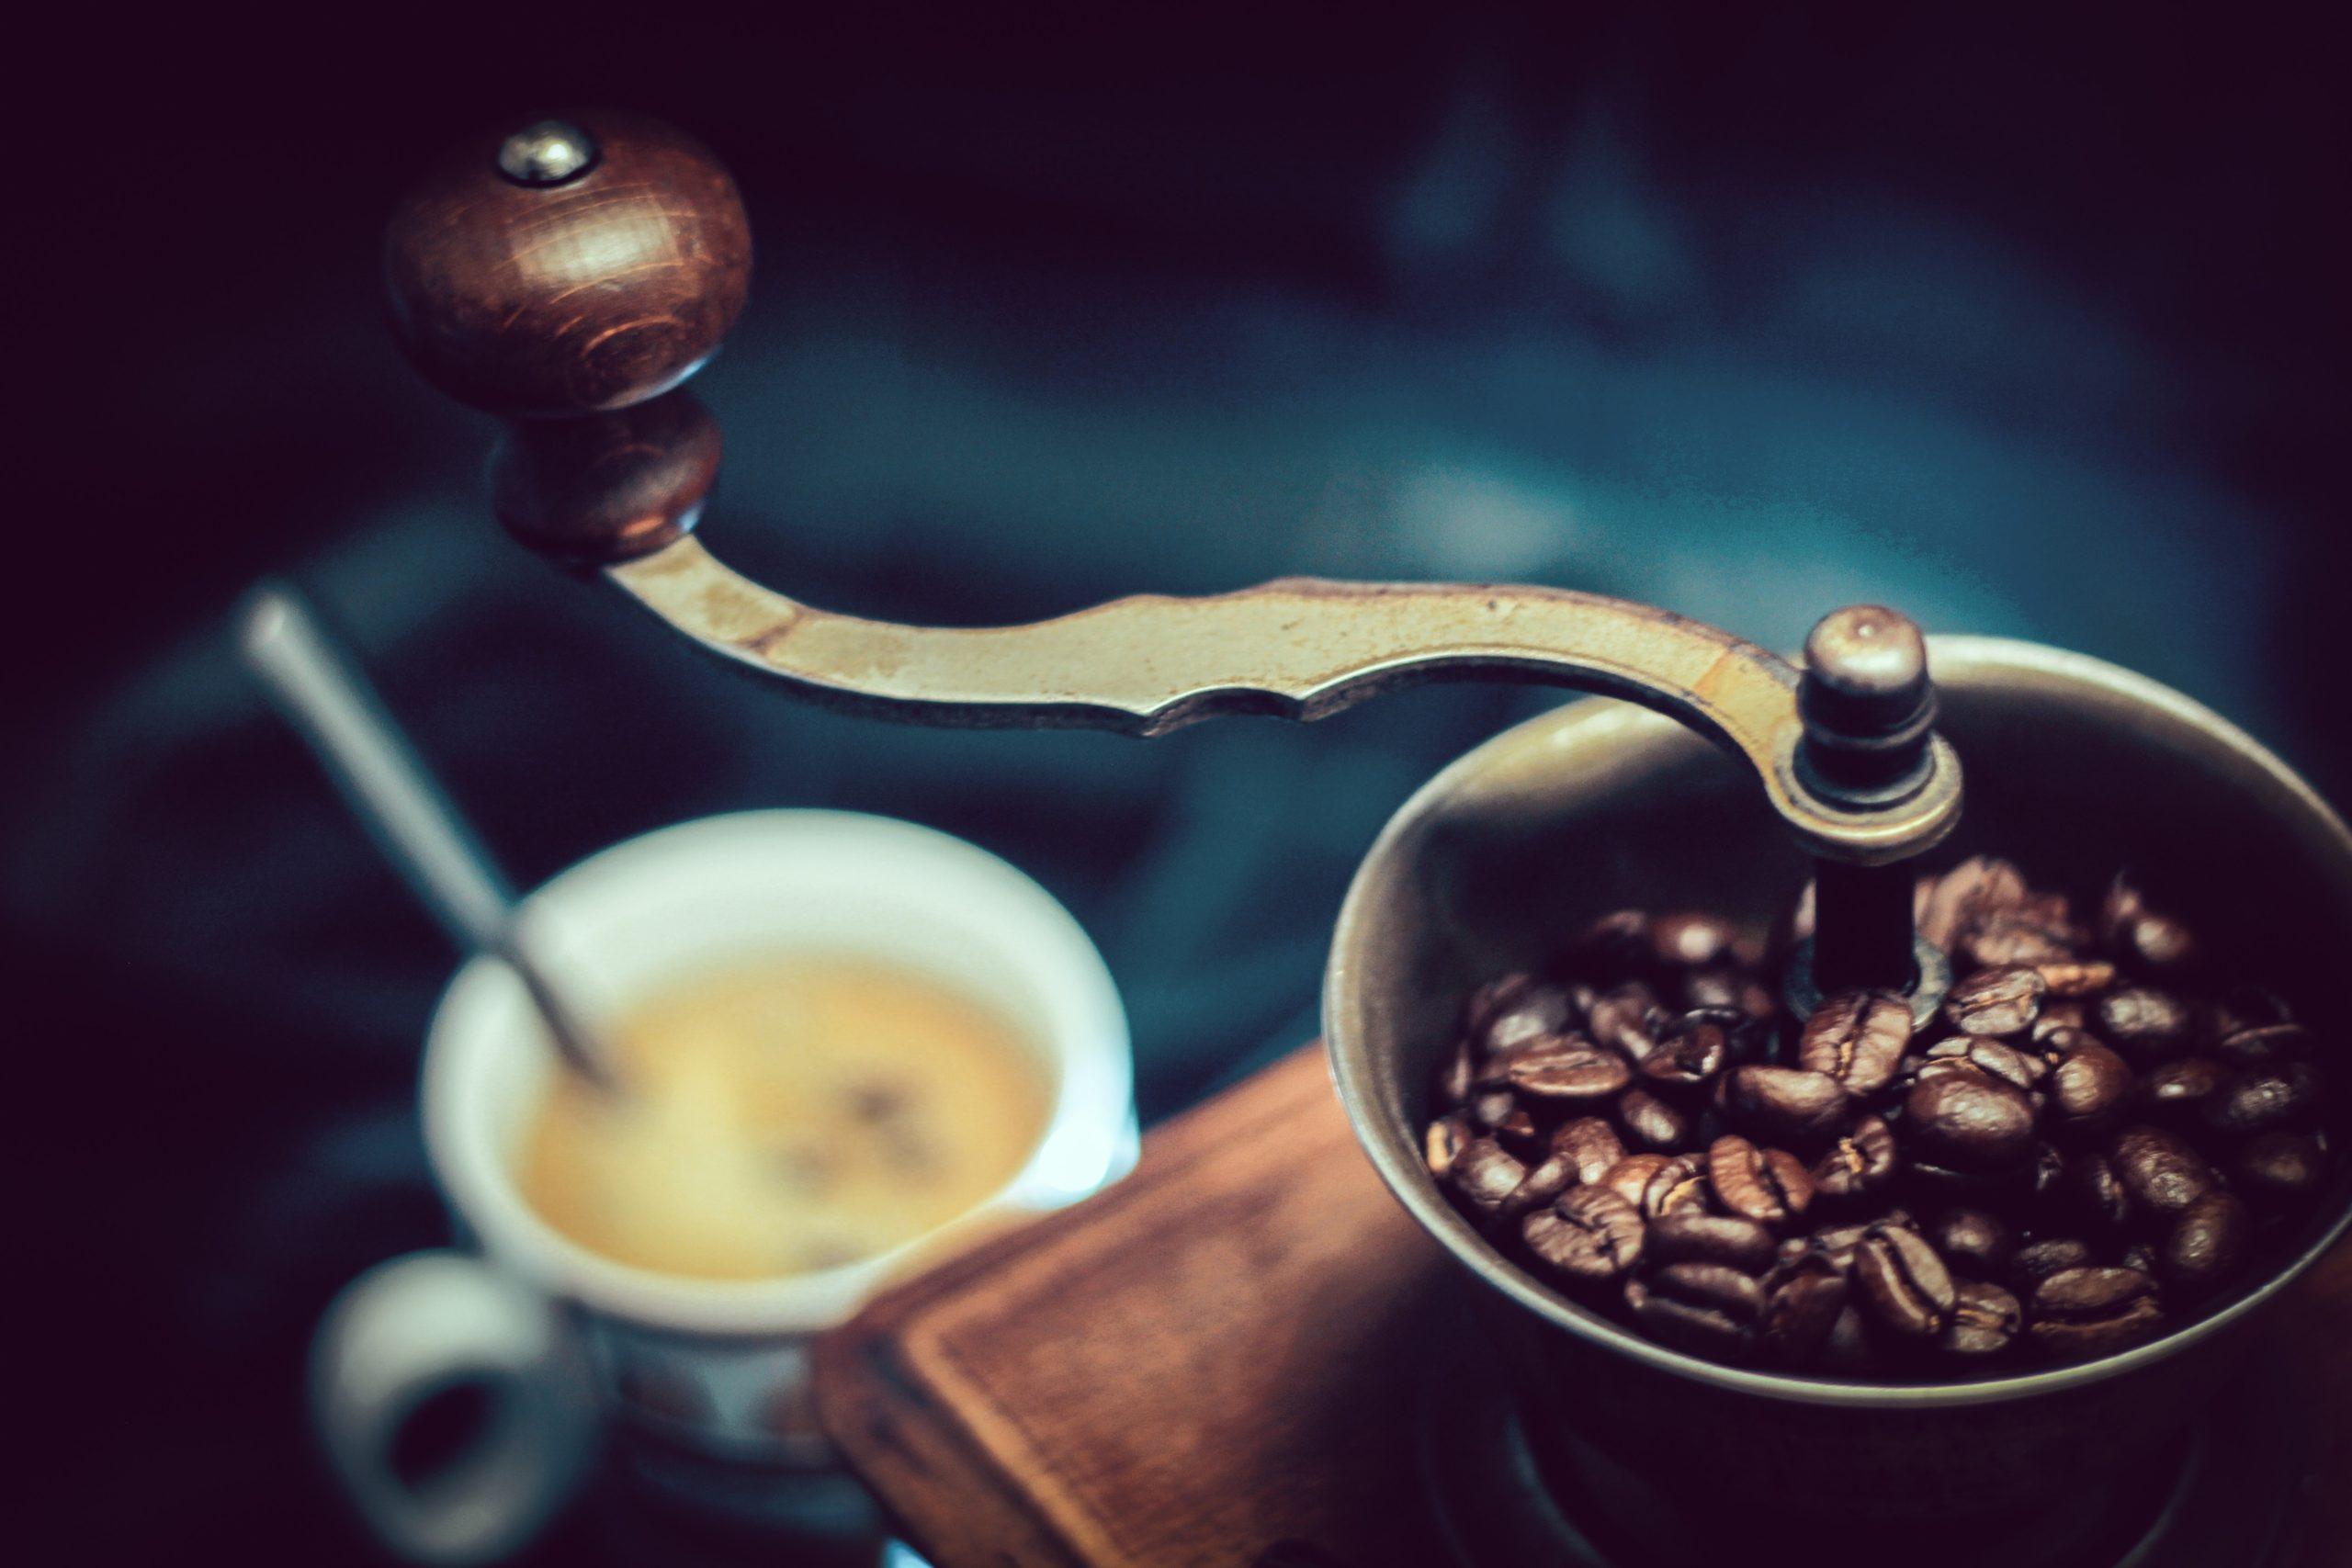 Pij kawę na zdrowie! Mała czarna chroni przed rakiem i wspomaga odchudzanie